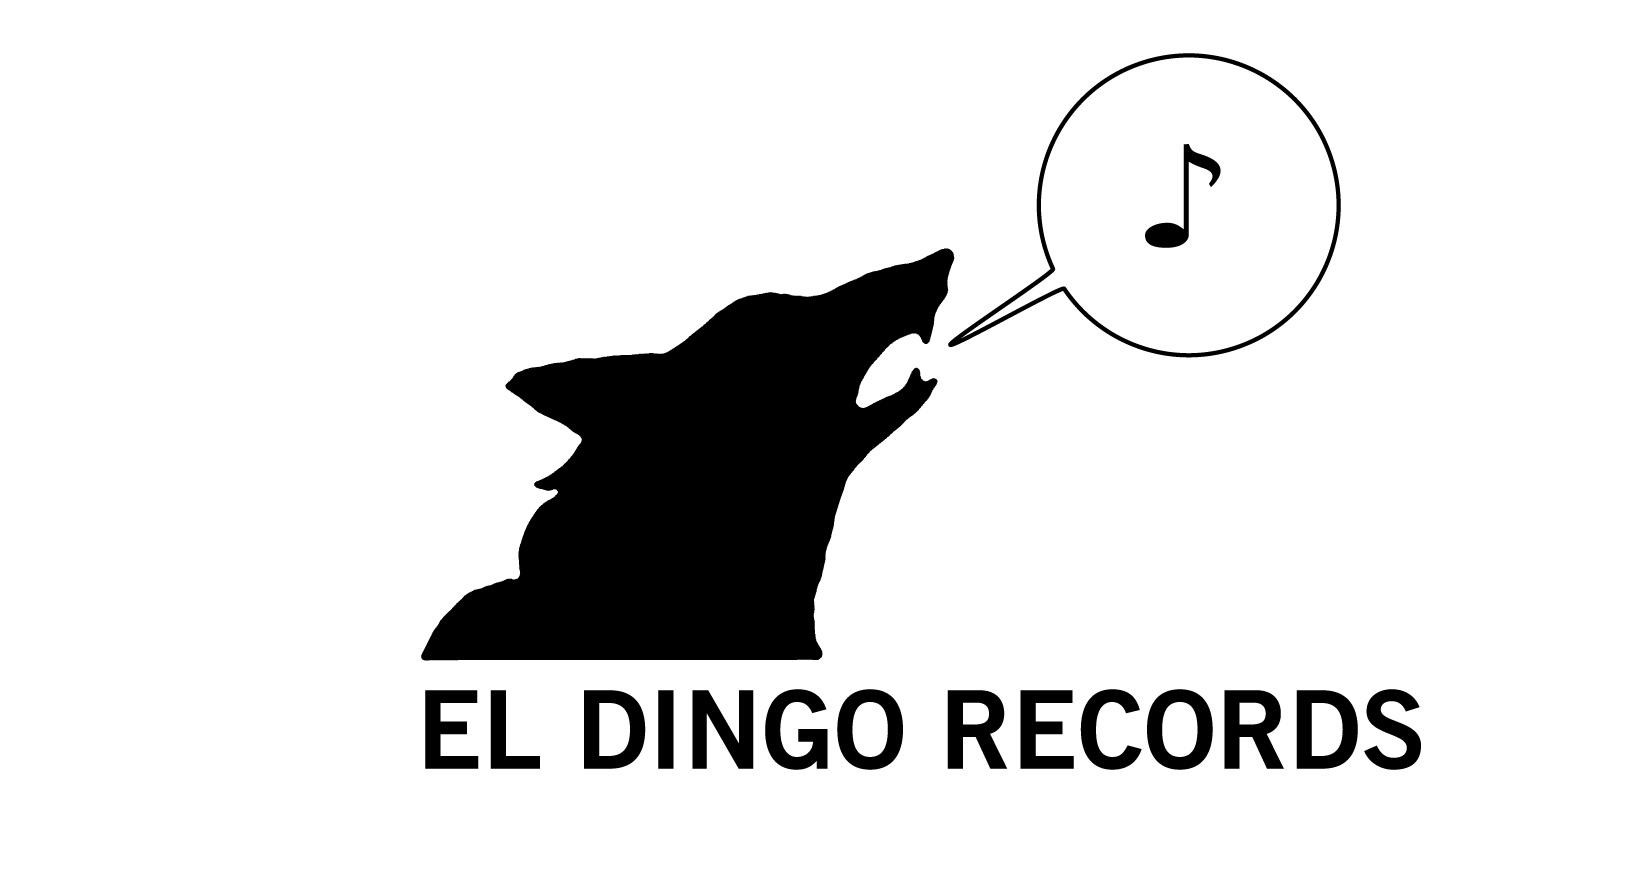 El Dingo Records